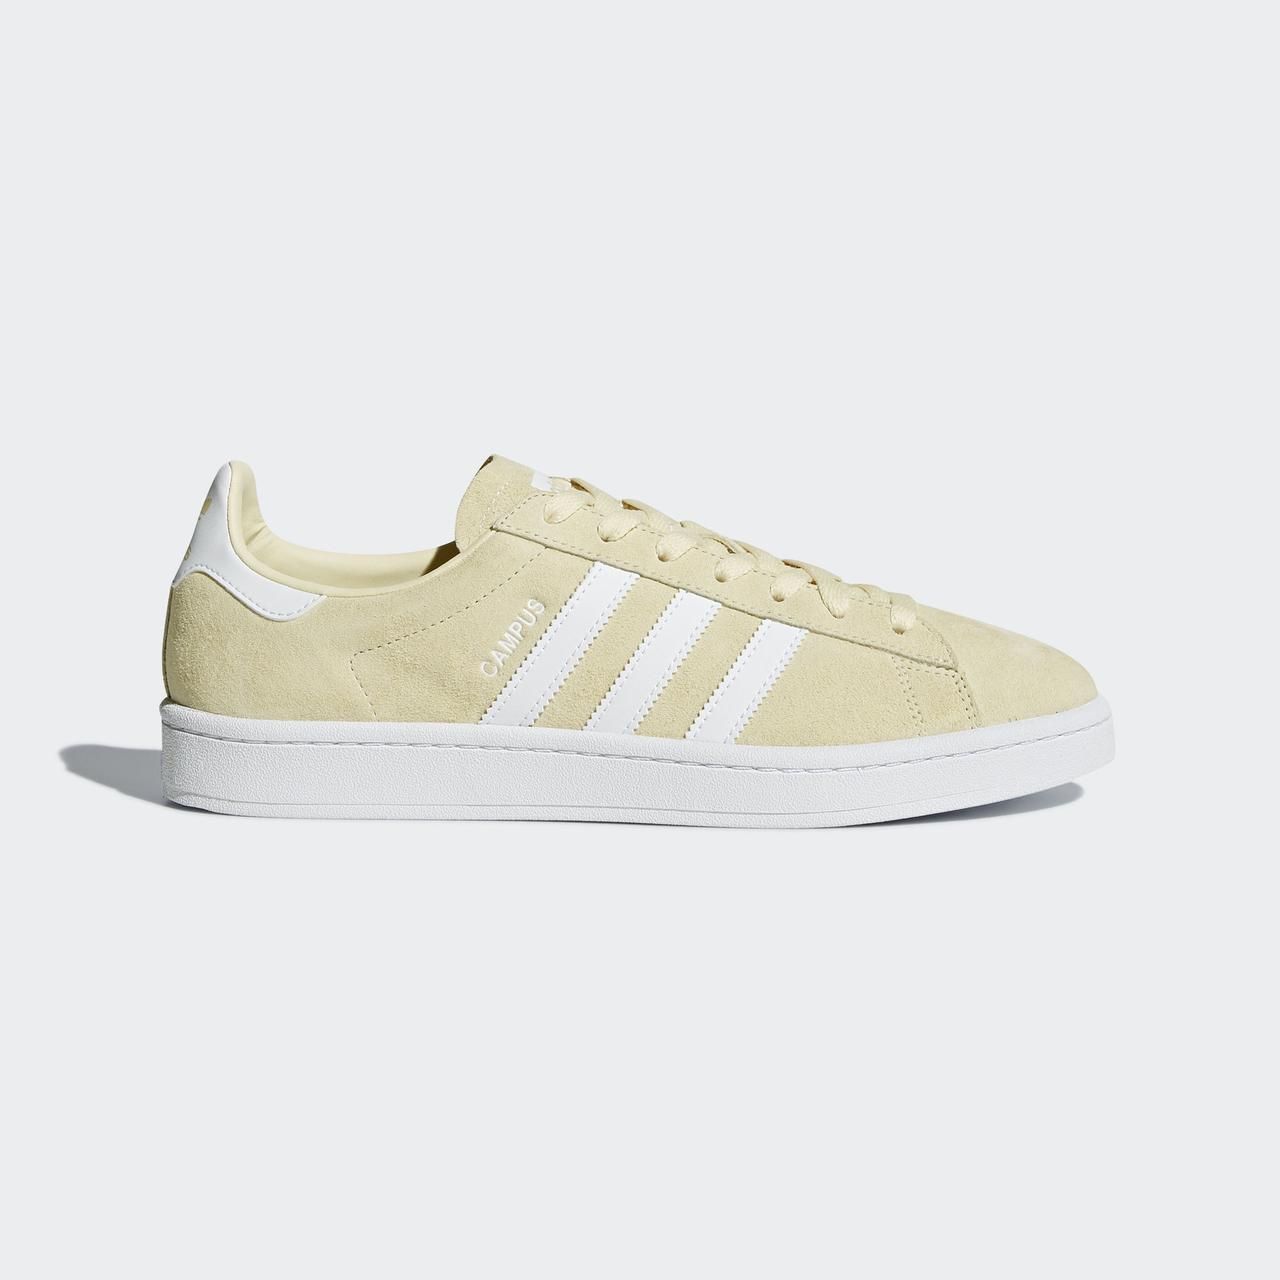 d8ec545c Мужские кроссовки Adidas Originals Campus (Артикул: DB0546) -  Интернет-магазин «Эксперт